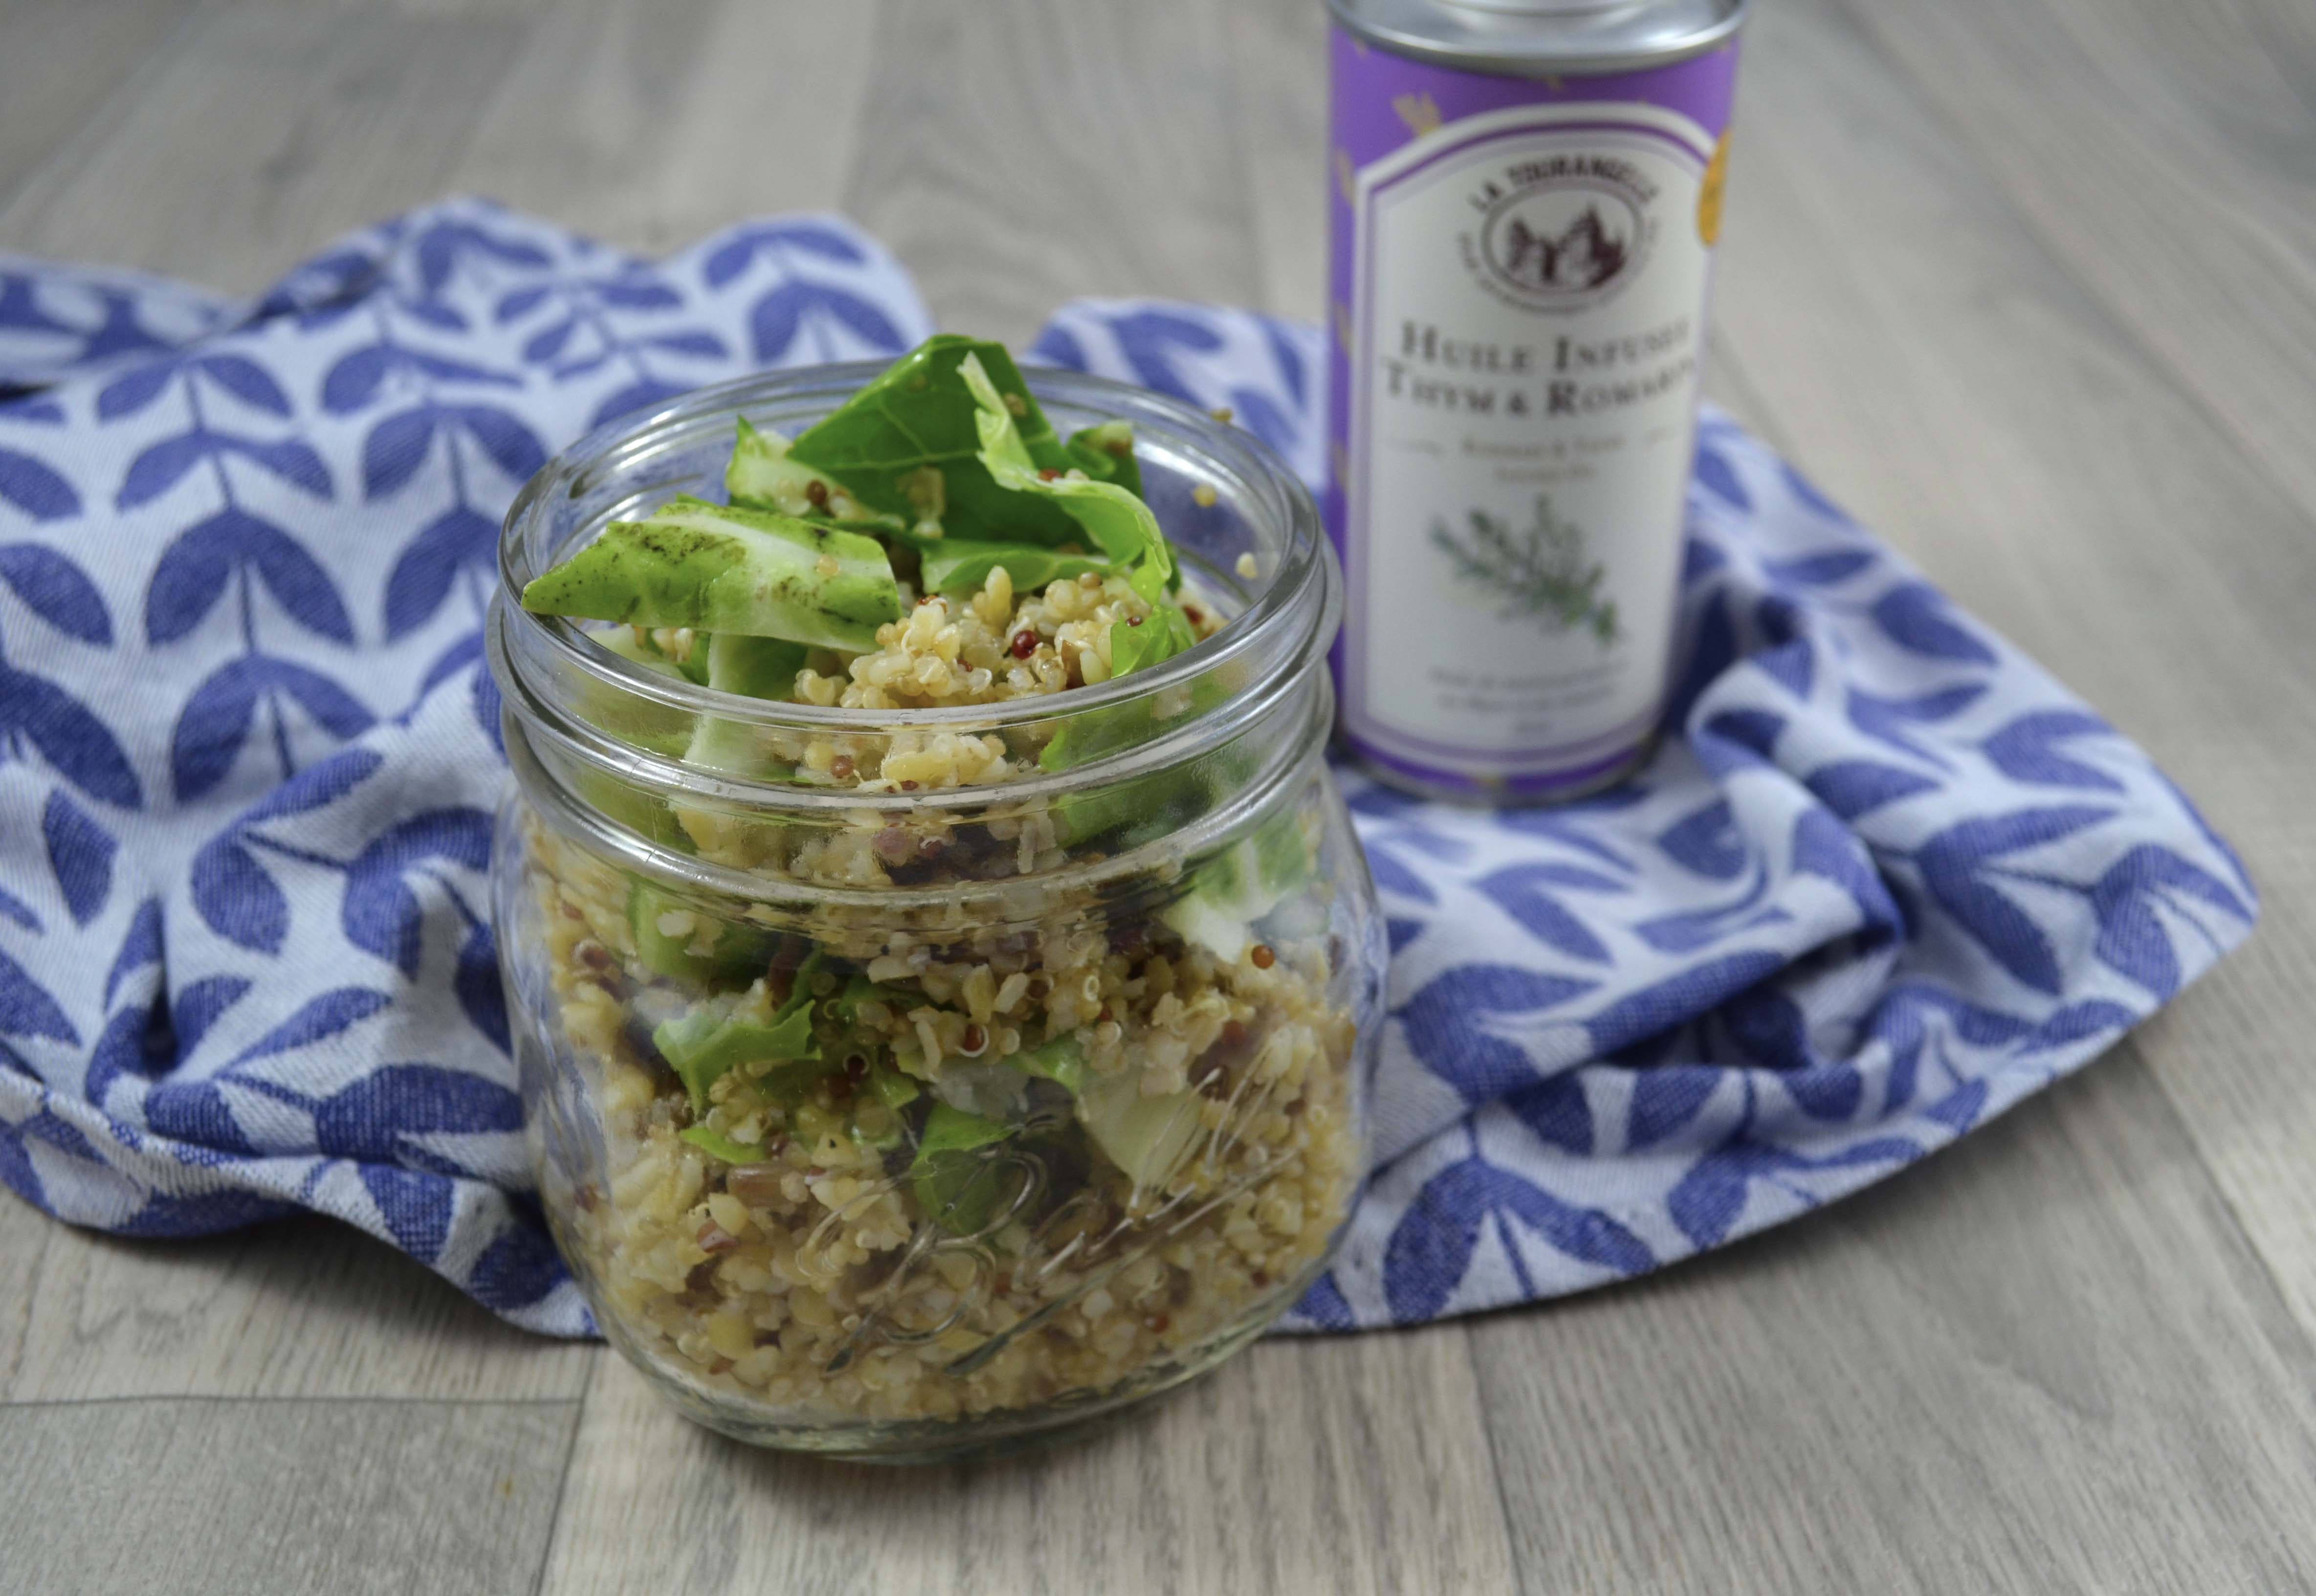 salade de quinoa aux feuilles de chou fleur et graines de tournesol quand julie patisse